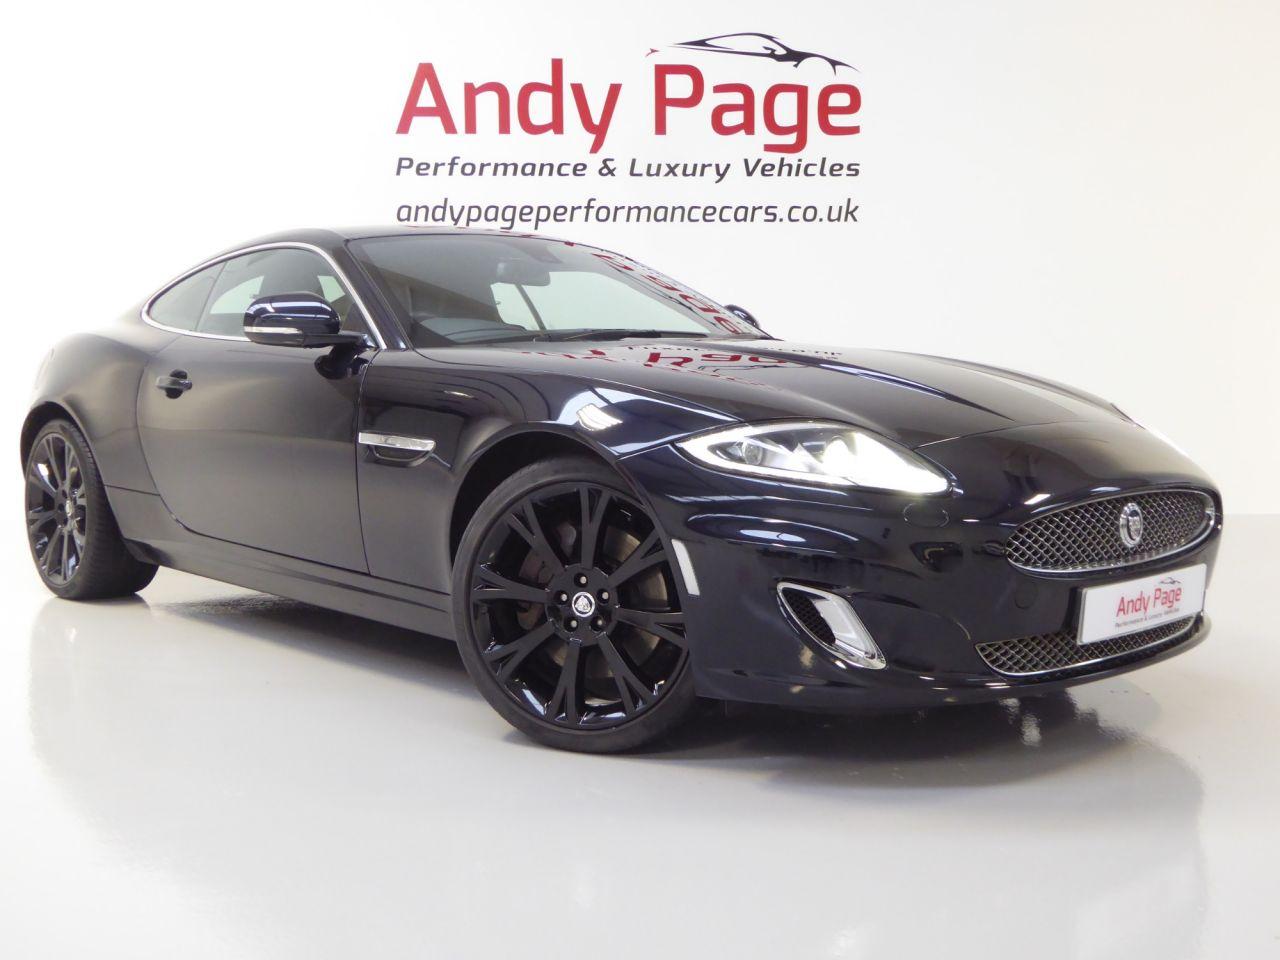 2012 Jaguar XK Artisan Special Edition £27,450